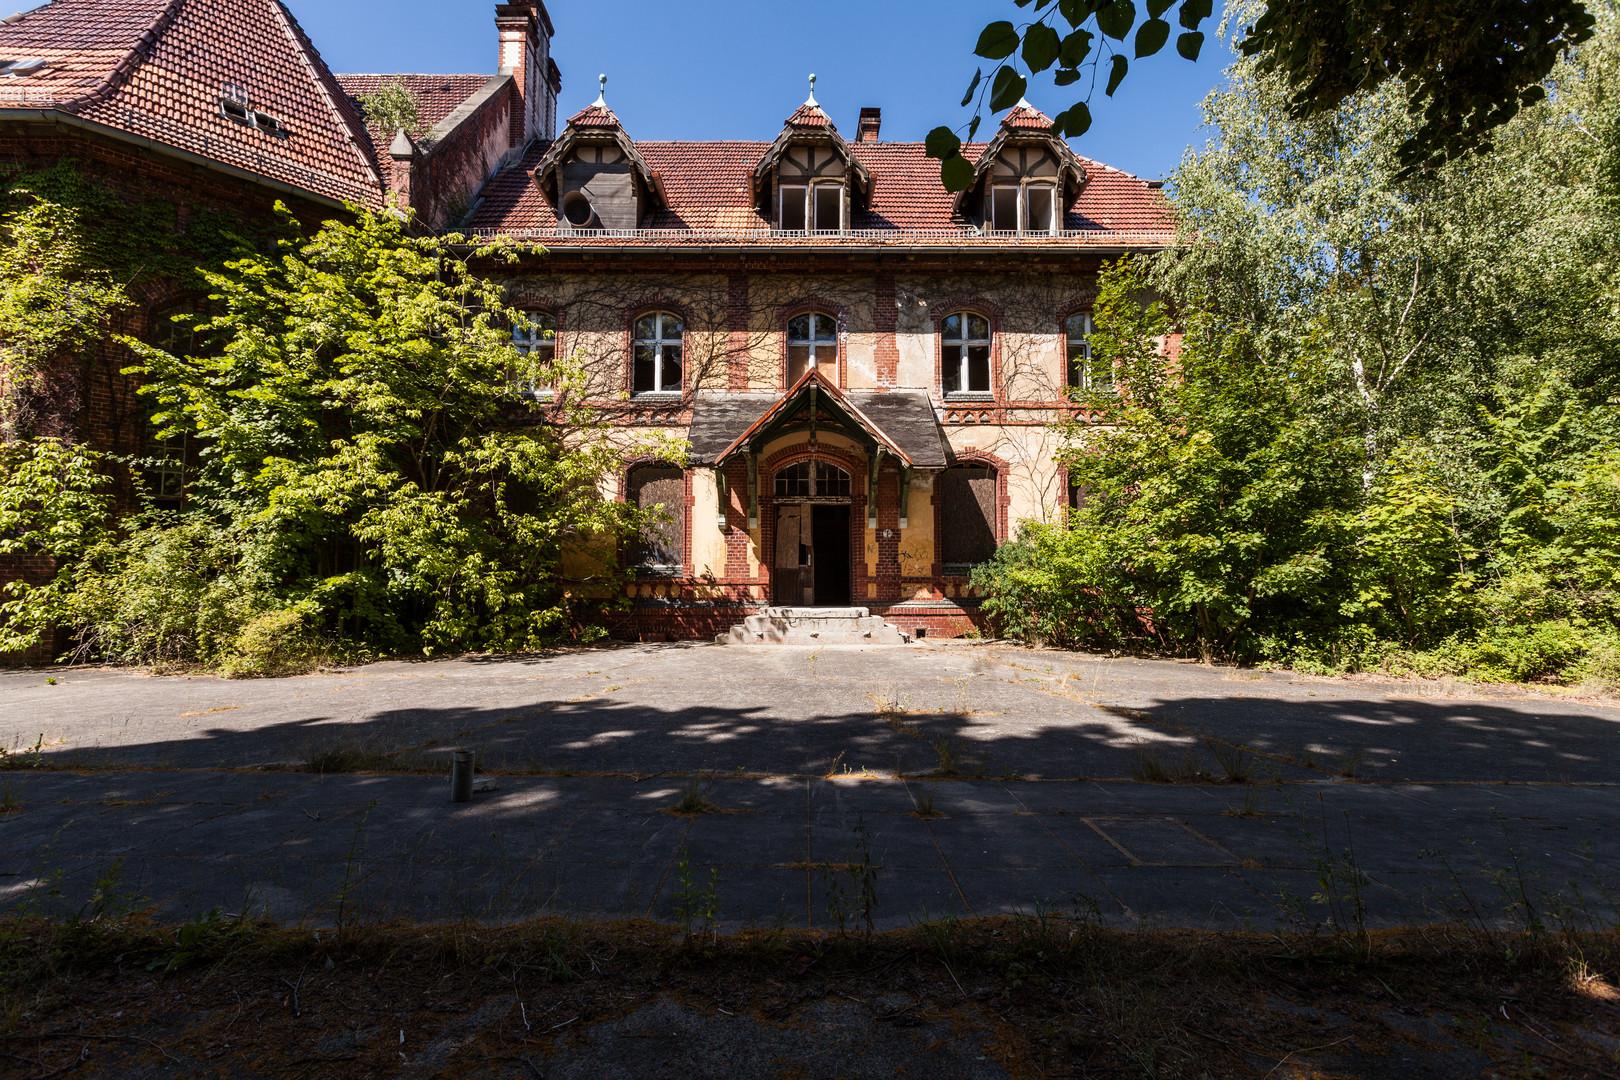 Beelitz Heilstätten - Frauensanatorium (12)